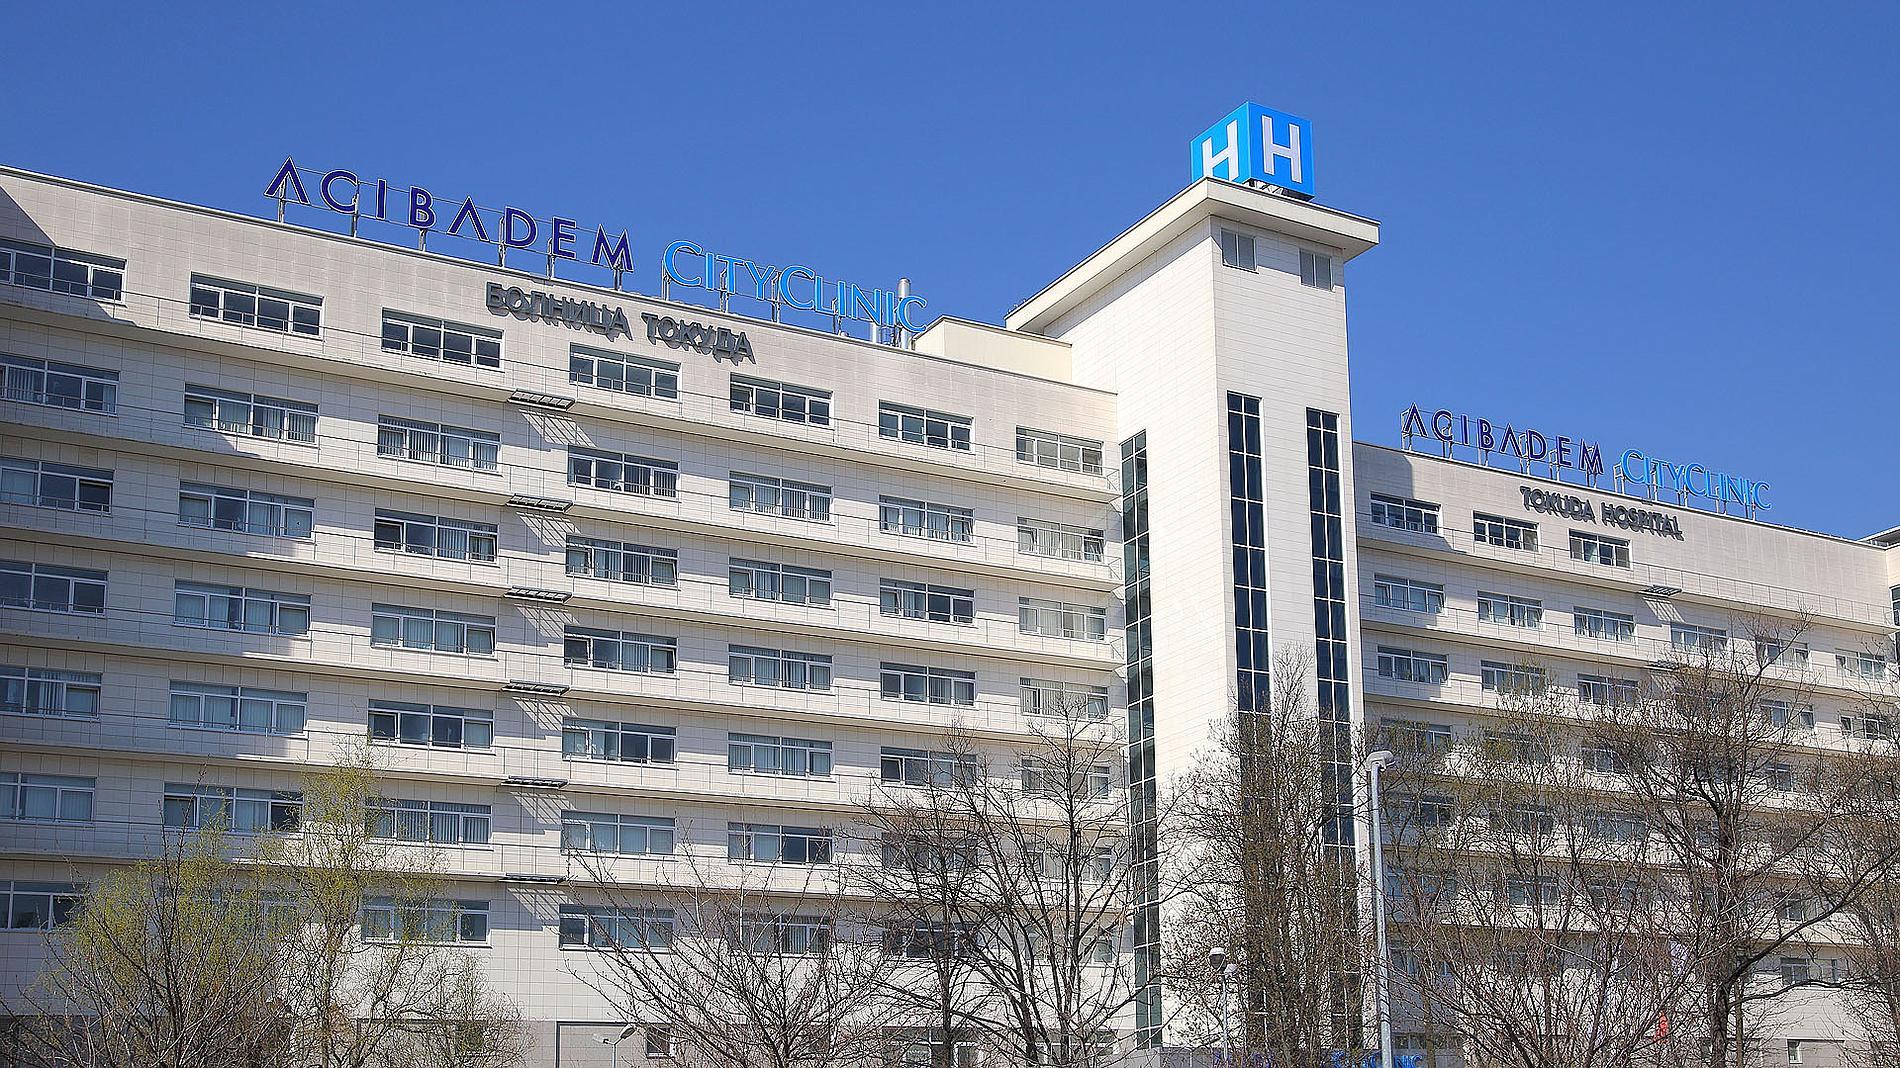 Exterior signage of Acibadem City Clinic, Tokuda Hospital